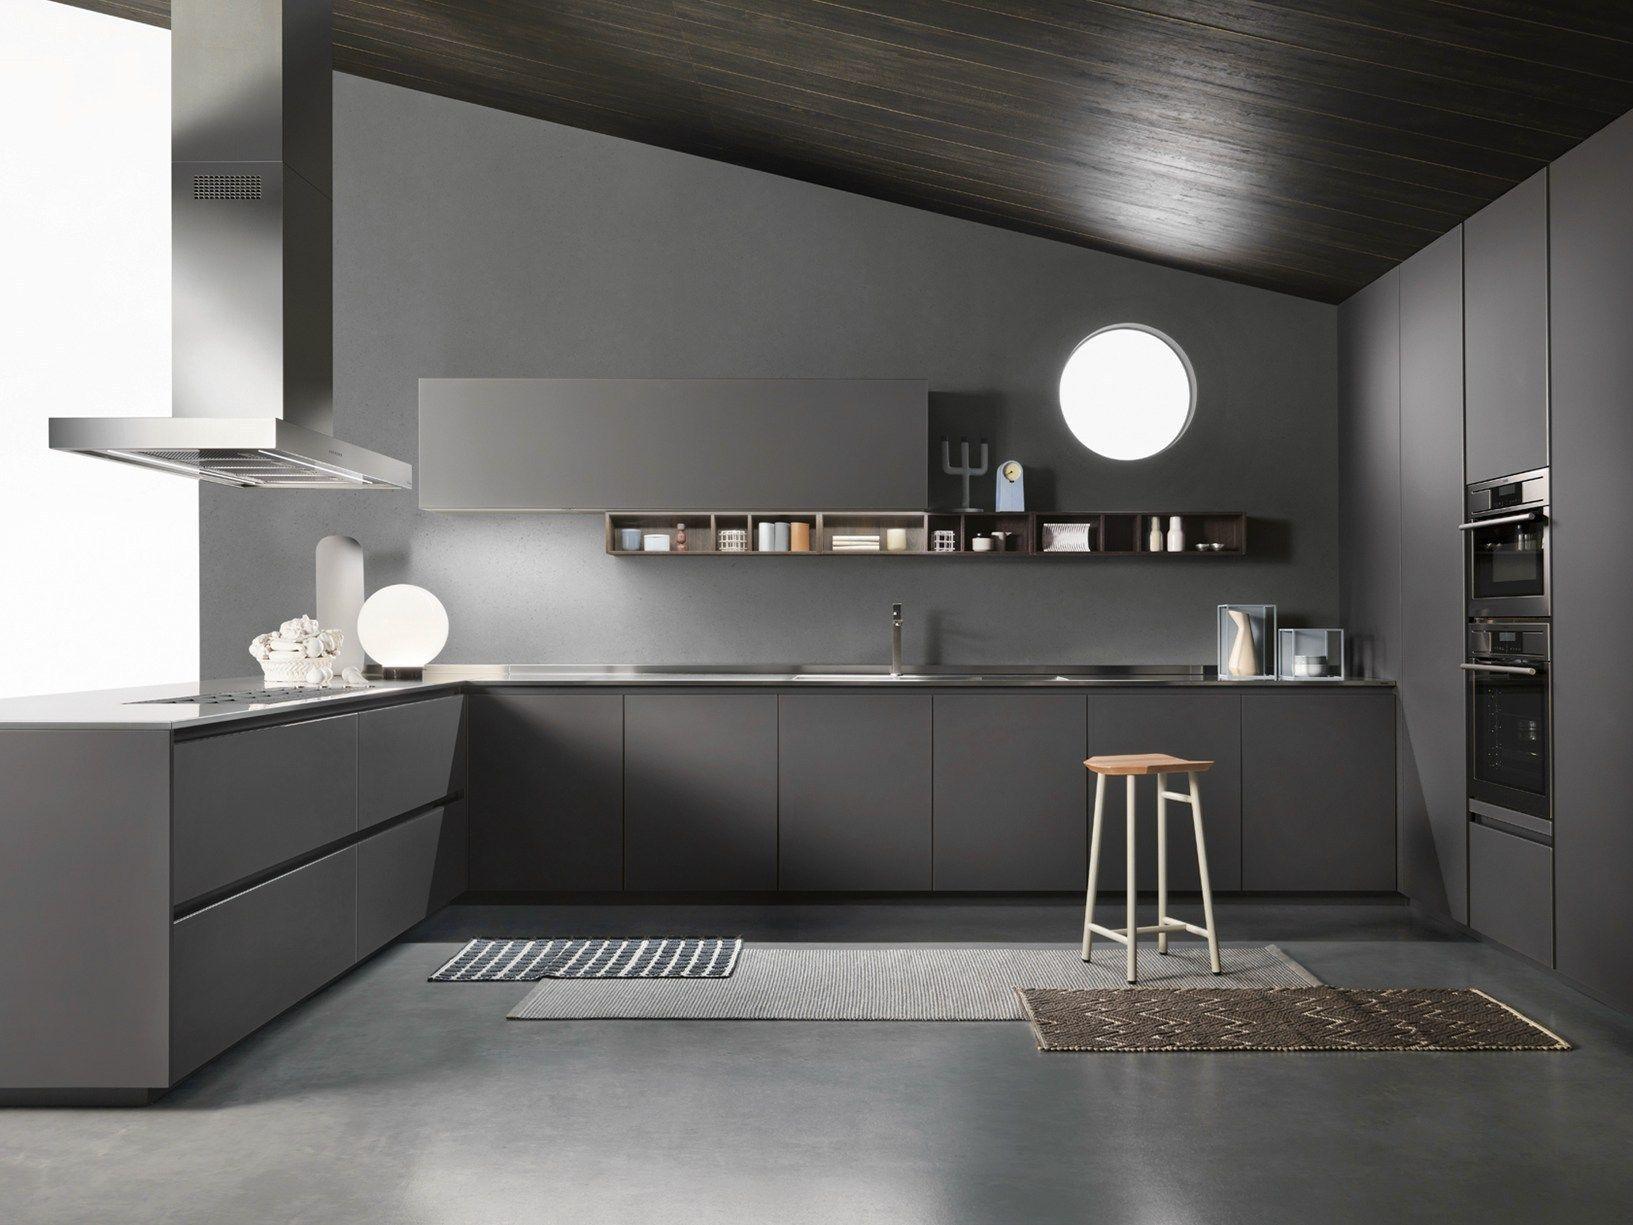 Contrasti cromatici e formali per una cucina calda e accogliente - Cucine ernestomeda immagini ...